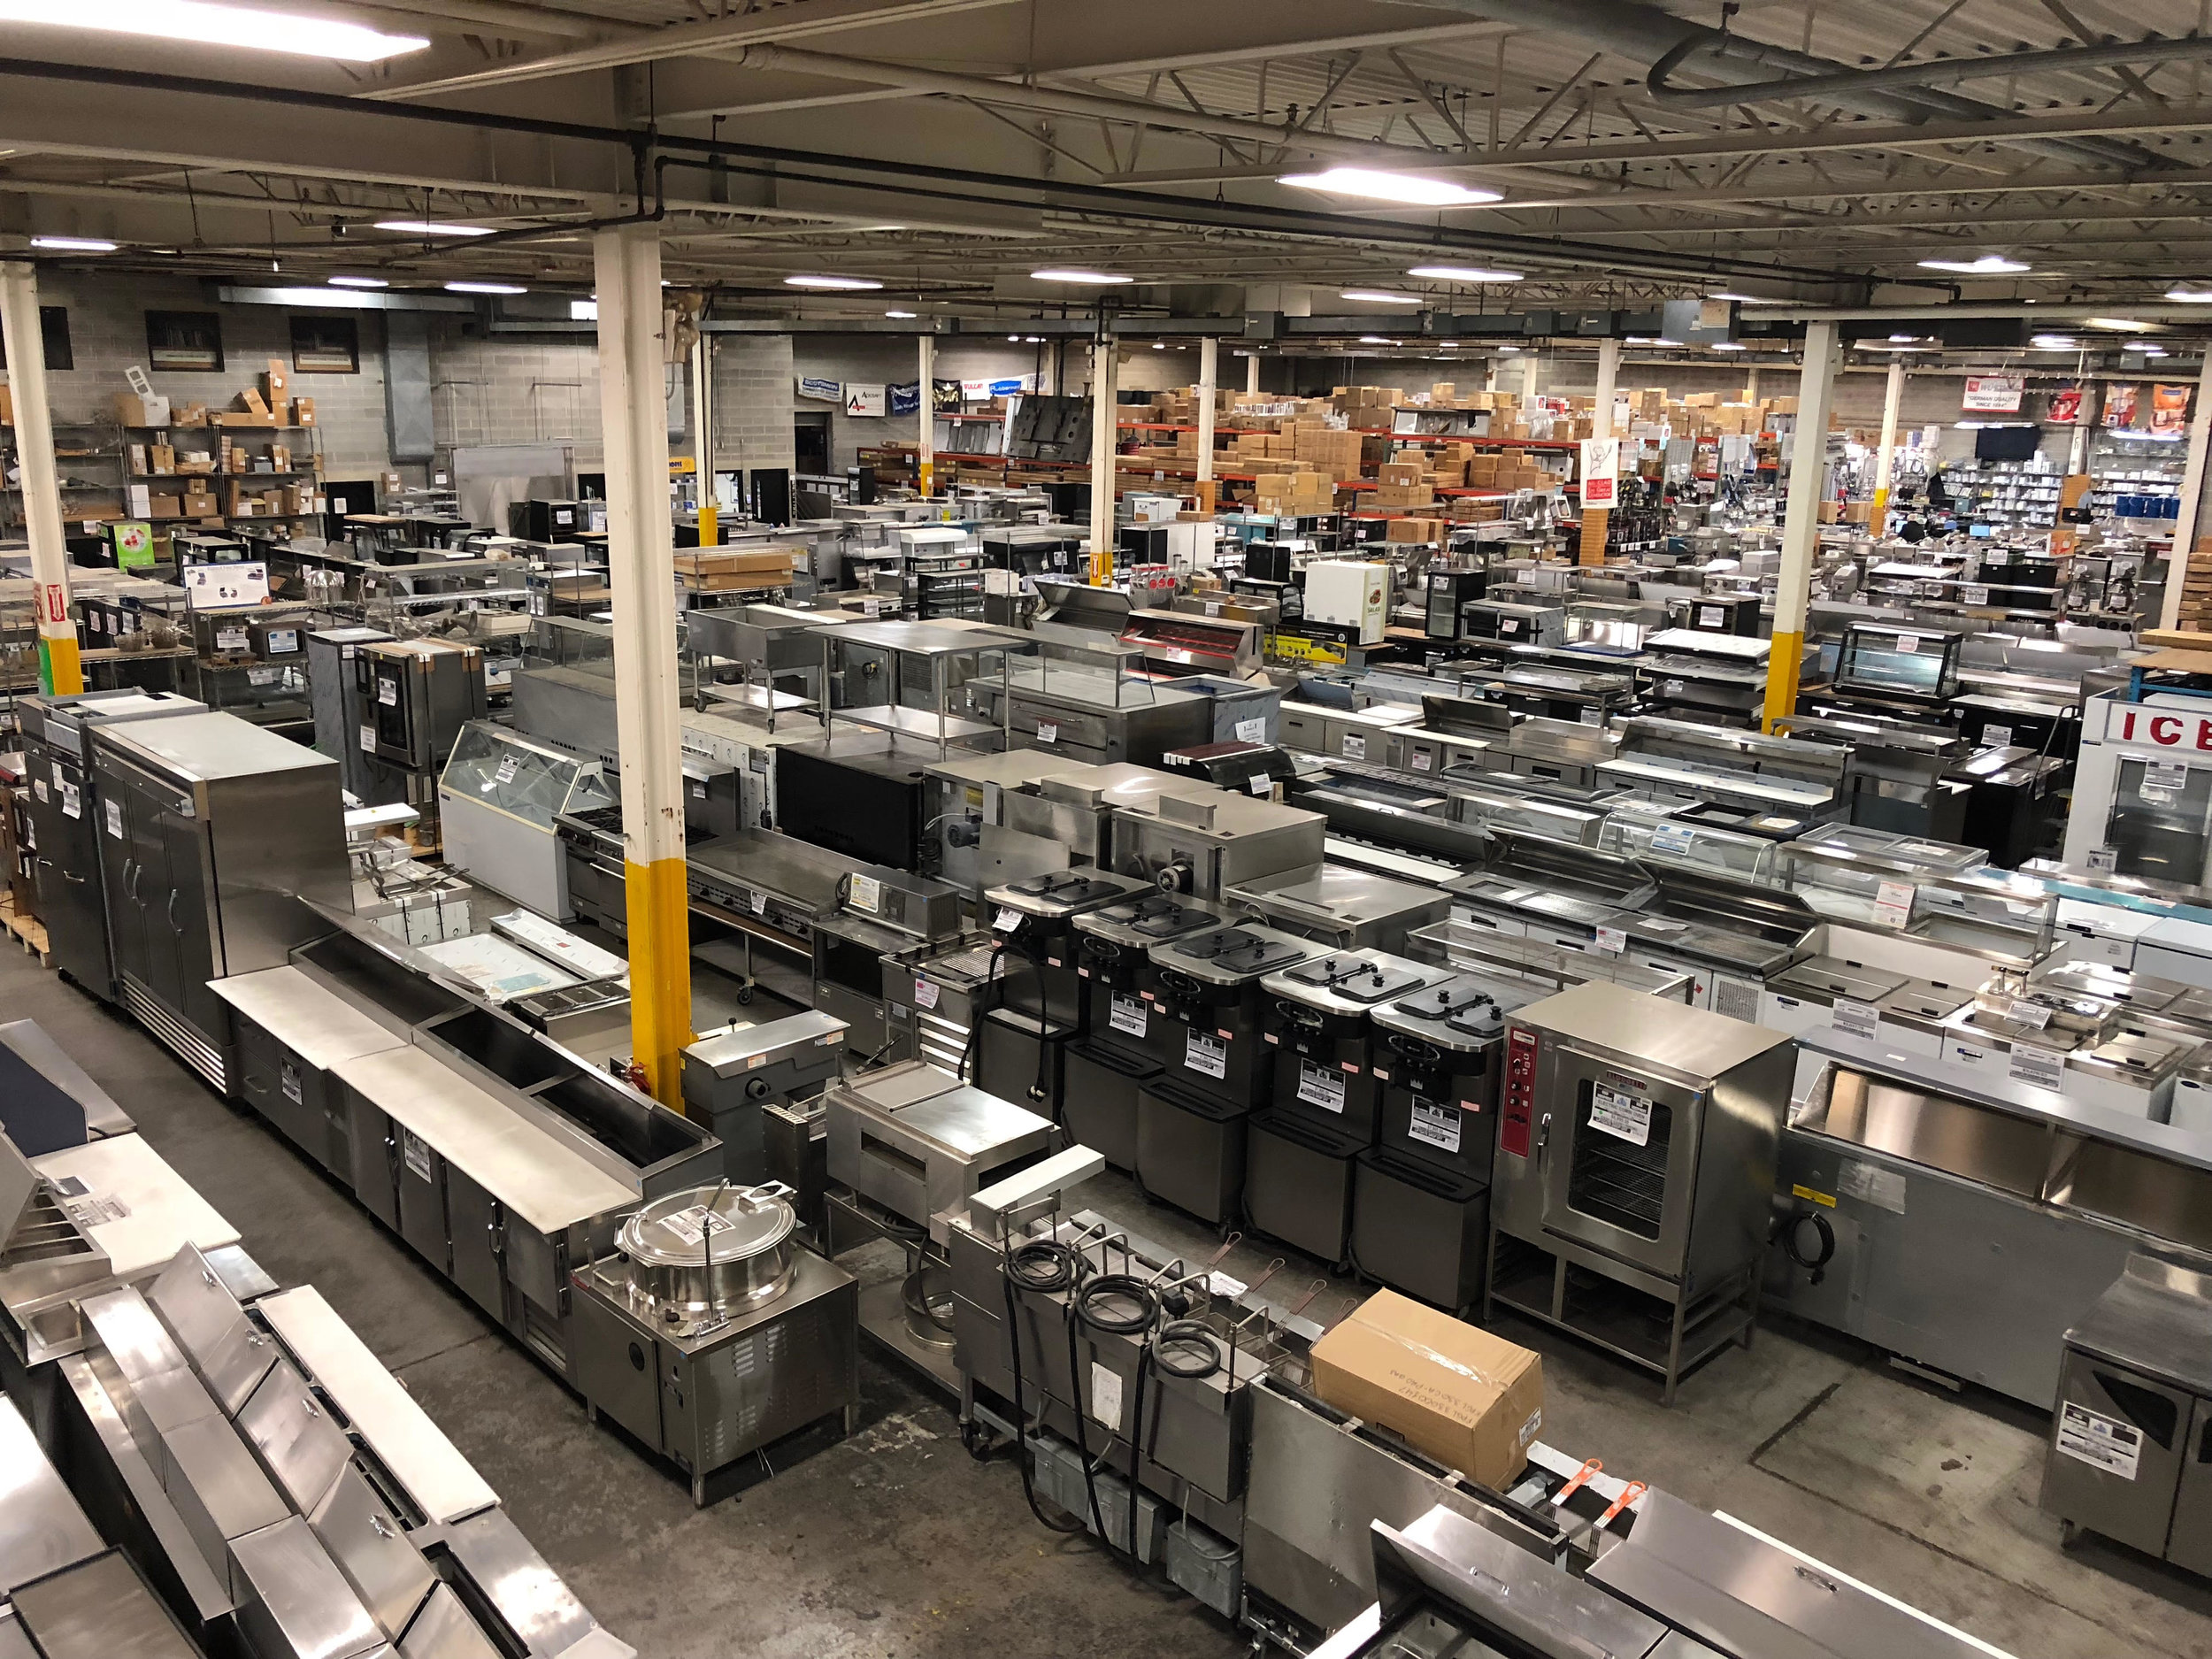 Restaurant City Warehouse | Waterbury, CT | The Original